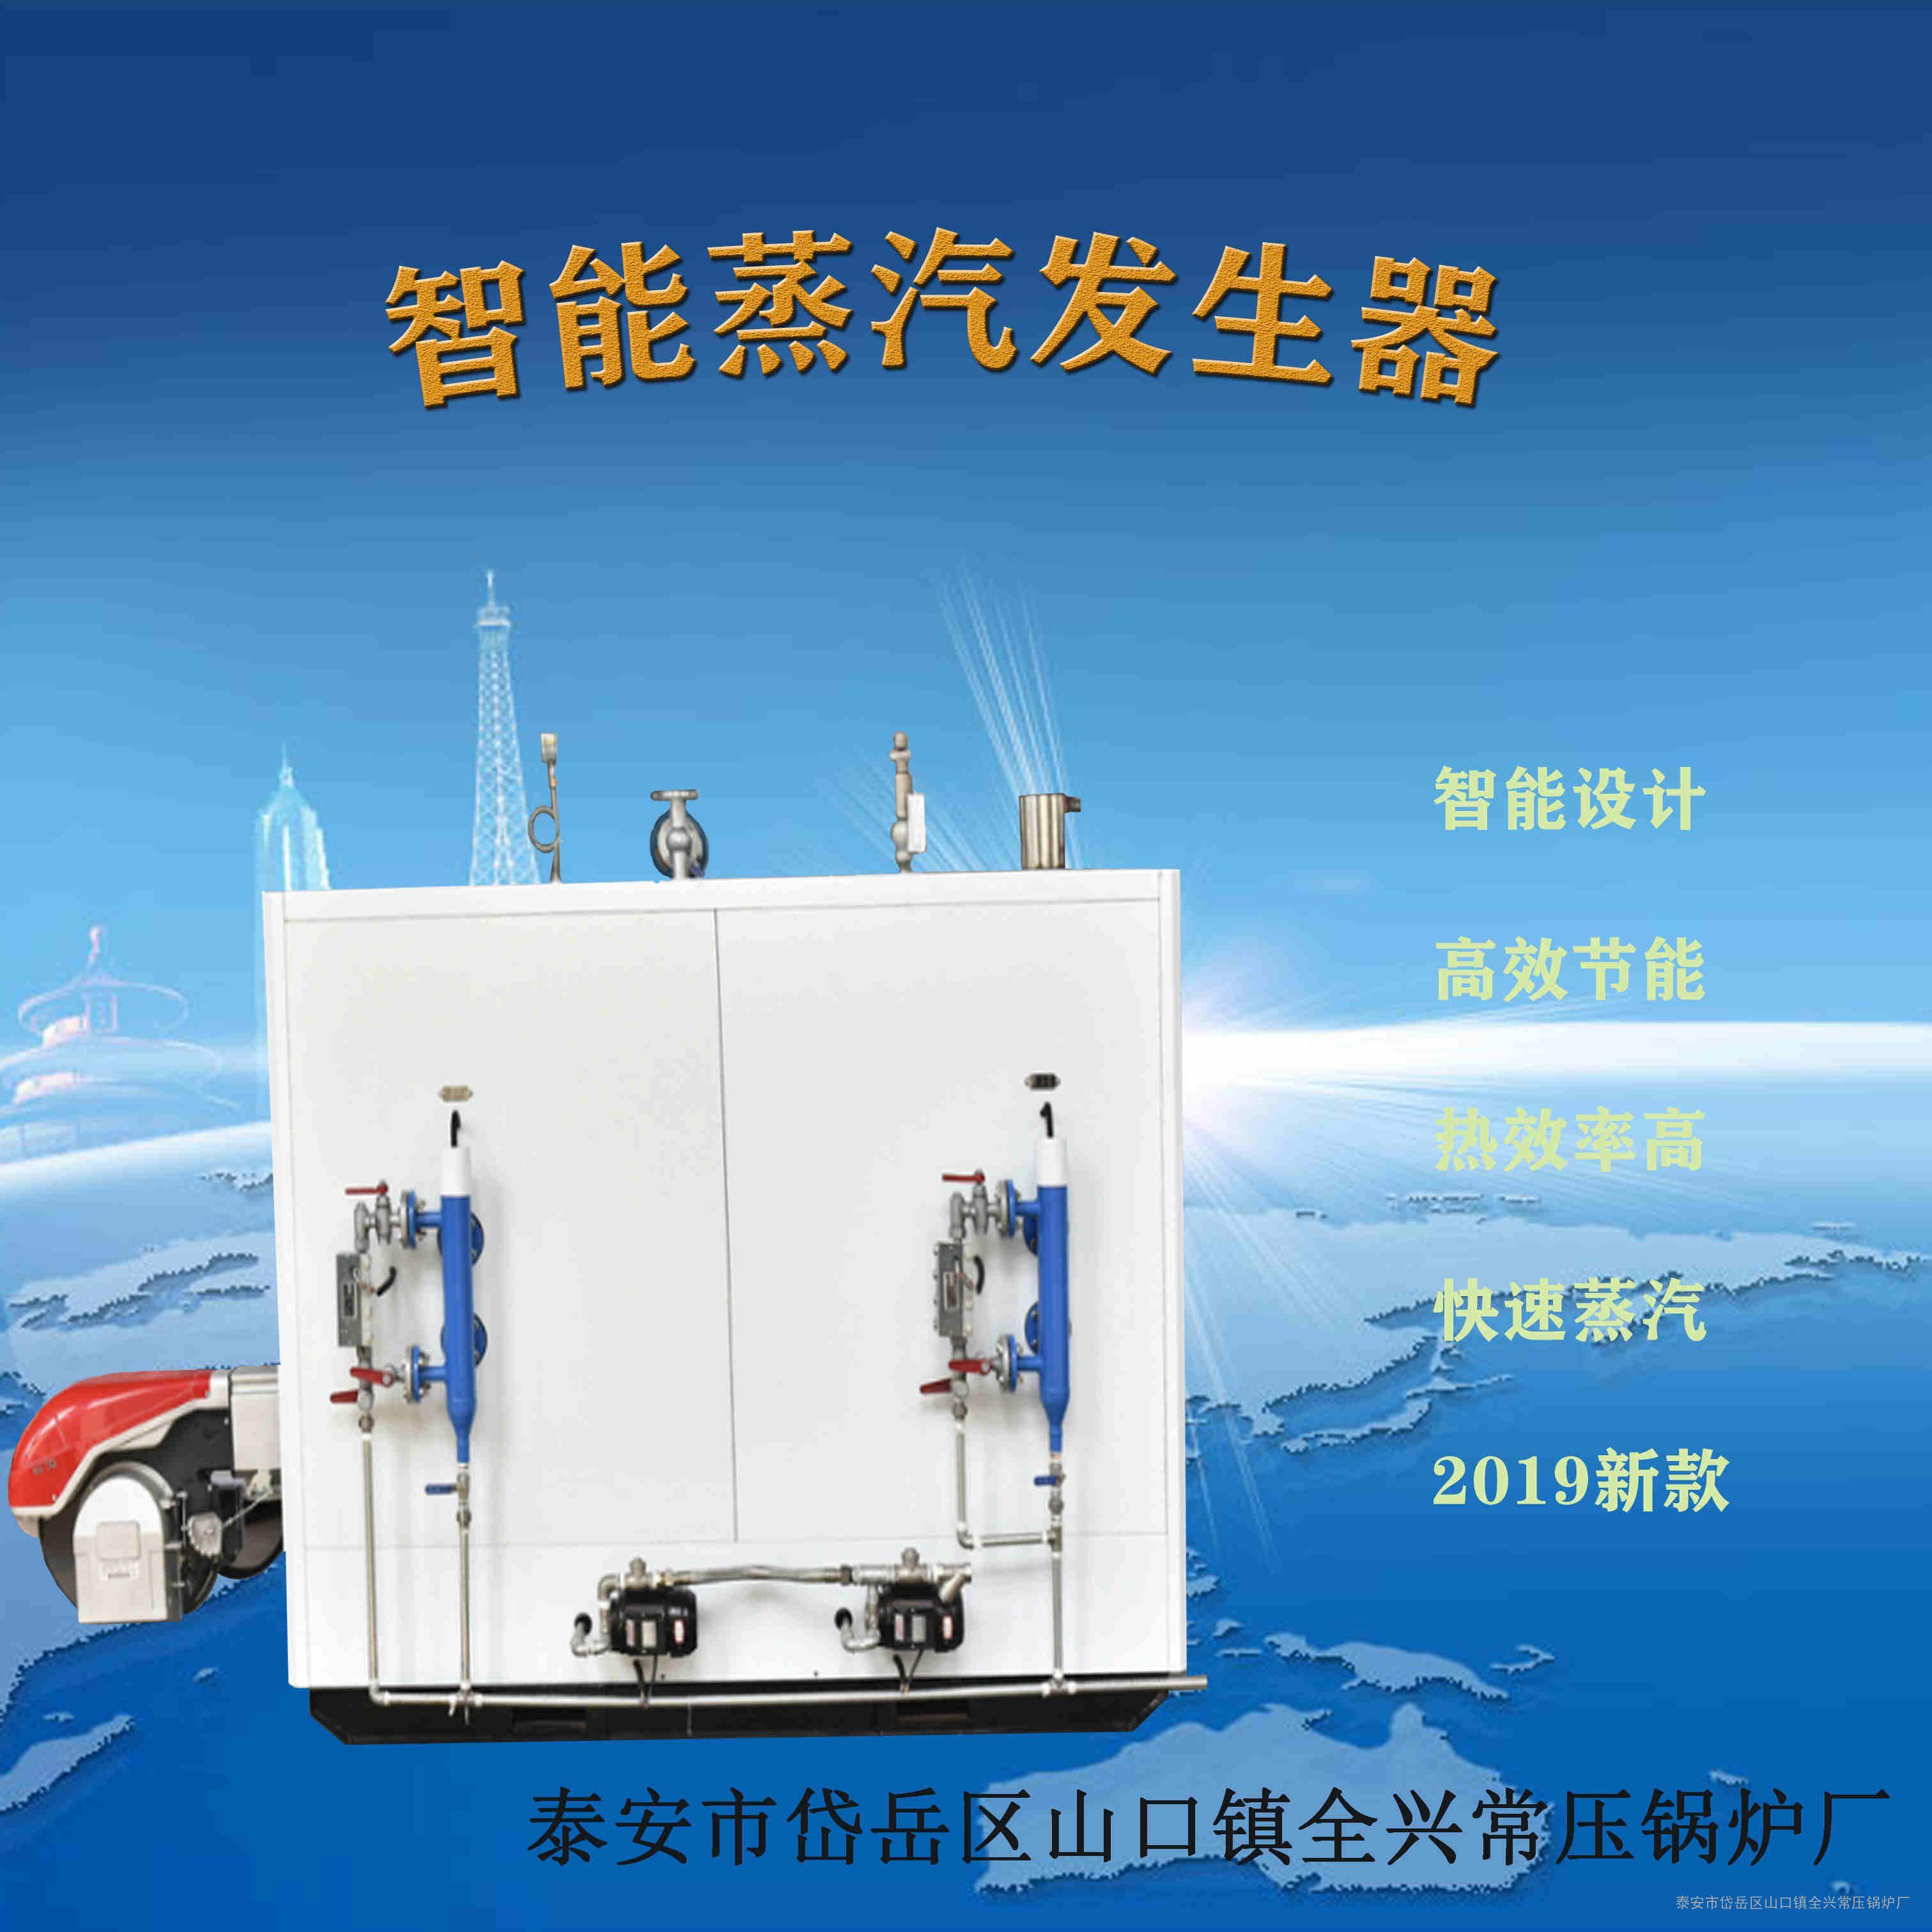 燃气蒸发器 定制生产燃油燃气蒸发器 燃油燃气蒸发器